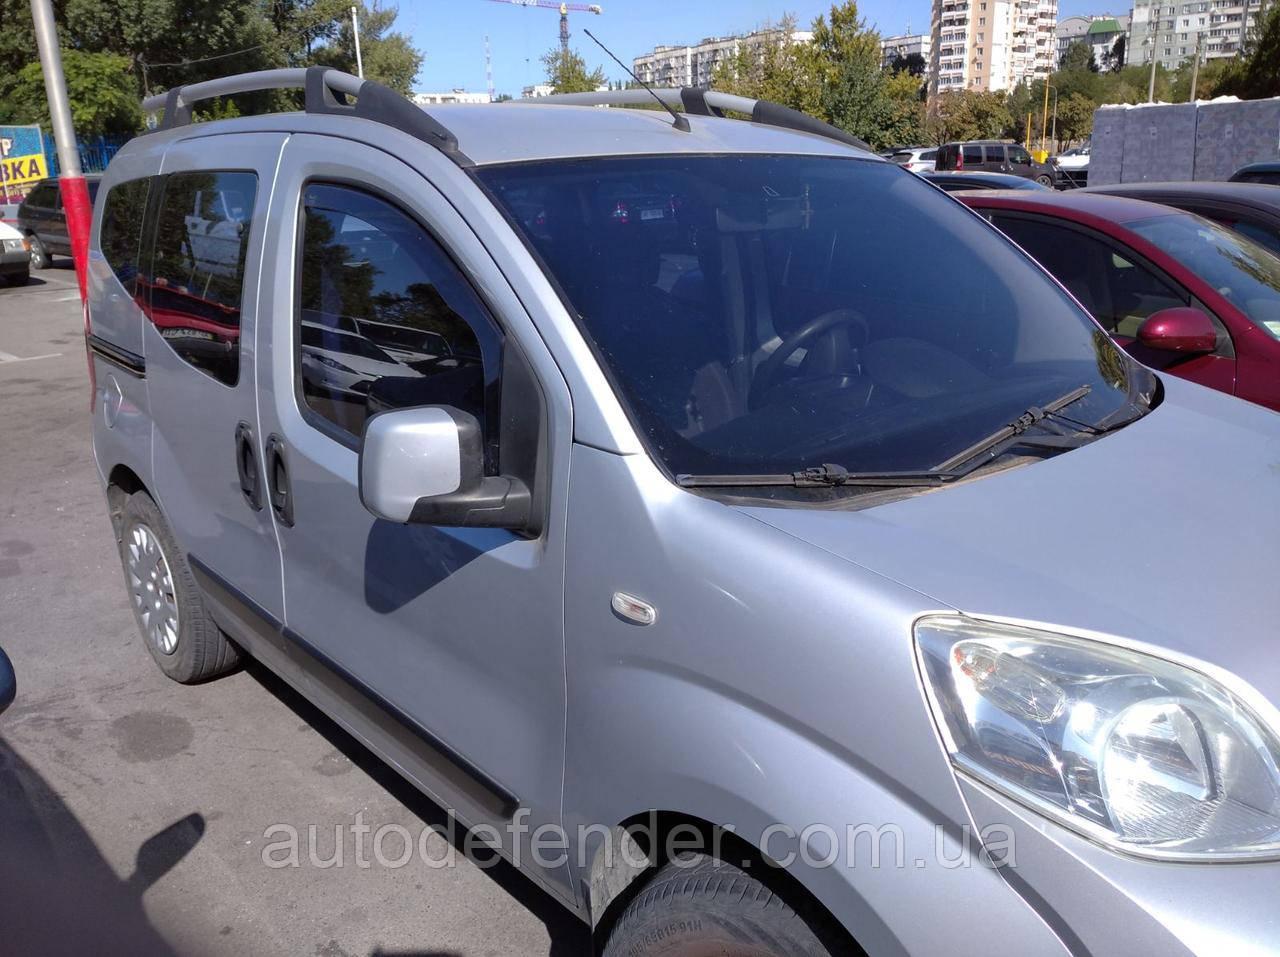 Дефлекторы окон (вставные!) ветровики Fiat Fiorino 2008- 2шт., HEKO, 15160